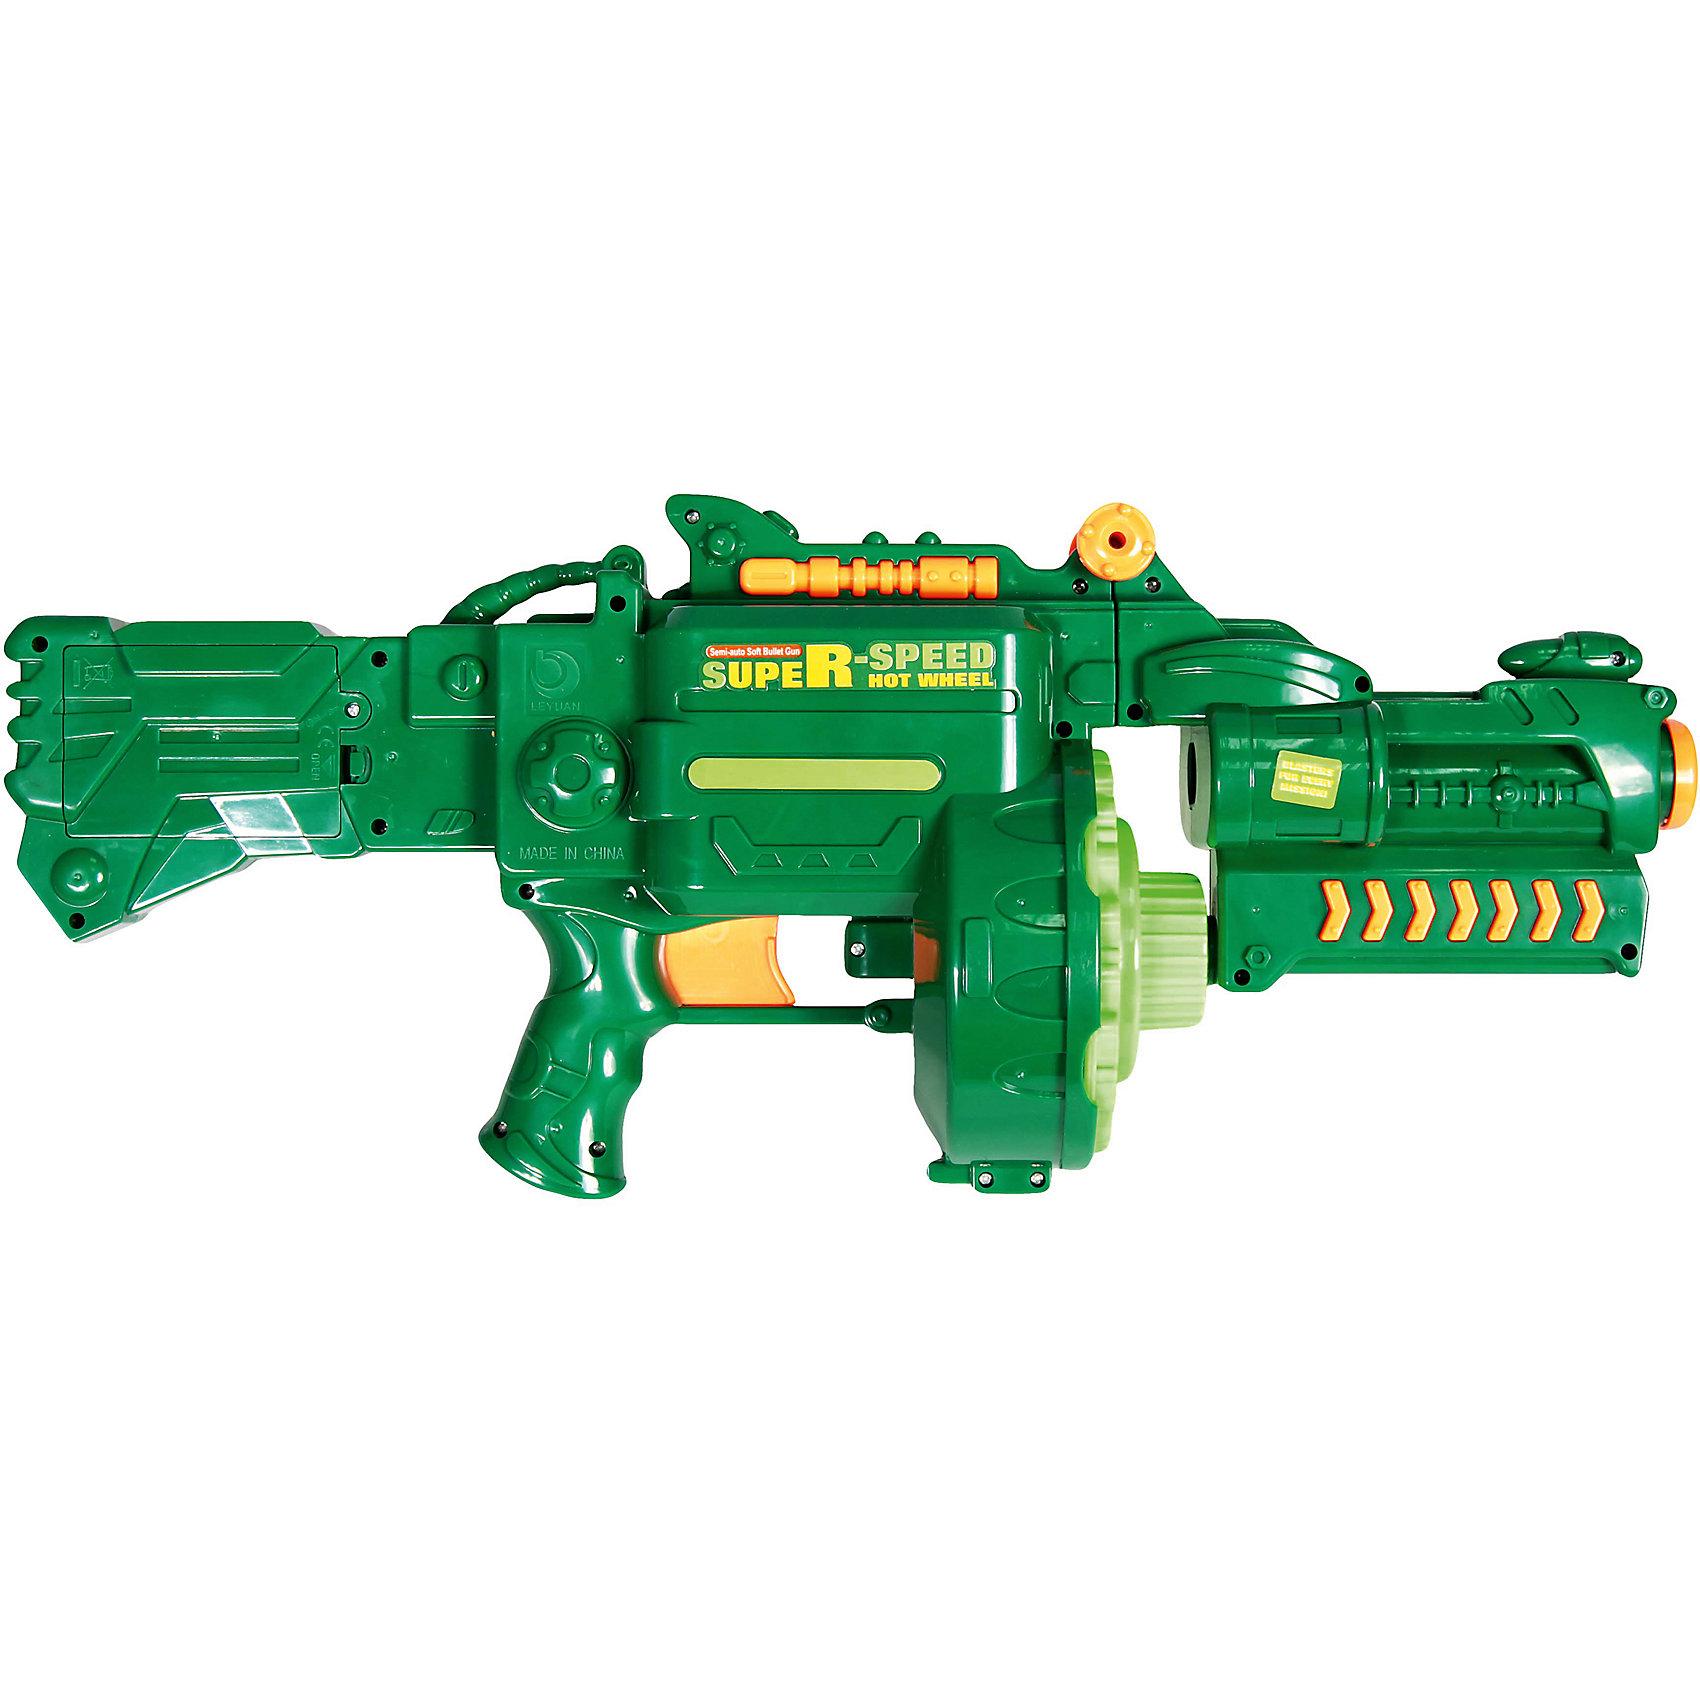 Автомат с пулями на присосках, Mioshi  ArmyАвтомат от  Mioshi  Army - мечта любого мальчишки! Отстреливаться из такого скорострельного орудия одно удовольствие! Красивый и реалистичный, он как будто прямиком из фильма о сражениях. Как и положено современному оружию автомат Mioshi  Army  отлично лежит в руке. Вы сможете перезарядить его в считанные минуты, ведь в пылу борьбы дорога каждая секунда! Стреляйте настолько быстро, насколько сможете! Противник не уйдет, ведь у автомата отличная дальность стрельбы. Мягкие стрелы оснащены присосками, что позволяет им прилипать в место попадания, так легче считать очки в соревнованиях на меткость. Тренируй стрелковые навыки: нарисуй мишень и устраивай настоящие соревнования.<br><br>Дополнительная информация: <br><br>- В комплекте: автомат, 40 пуль: 20 с присосками+ 20 стандартных;<br>- Высокая дальность стрельбы;<br>- Выполнен из высококачественного пластика;<br>- Быстро перезаряжается;<br>- Удобная форма;<br>- Размер упаковки: 53 х 15 х 23 см<br>- Вес: 1,8 кг<br><br>Автомат с пулями на присосках, Mioshi  Army  можно купить в нашем интернет-магазине.<br><br>Ширина мм: 530<br>Глубина мм: 150<br>Высота мм: 230<br>Вес г: 1867<br>Возраст от месяцев: 36<br>Возраст до месяцев: 72<br>Пол: Мужской<br>Возраст: Детский<br>SKU: 4094281